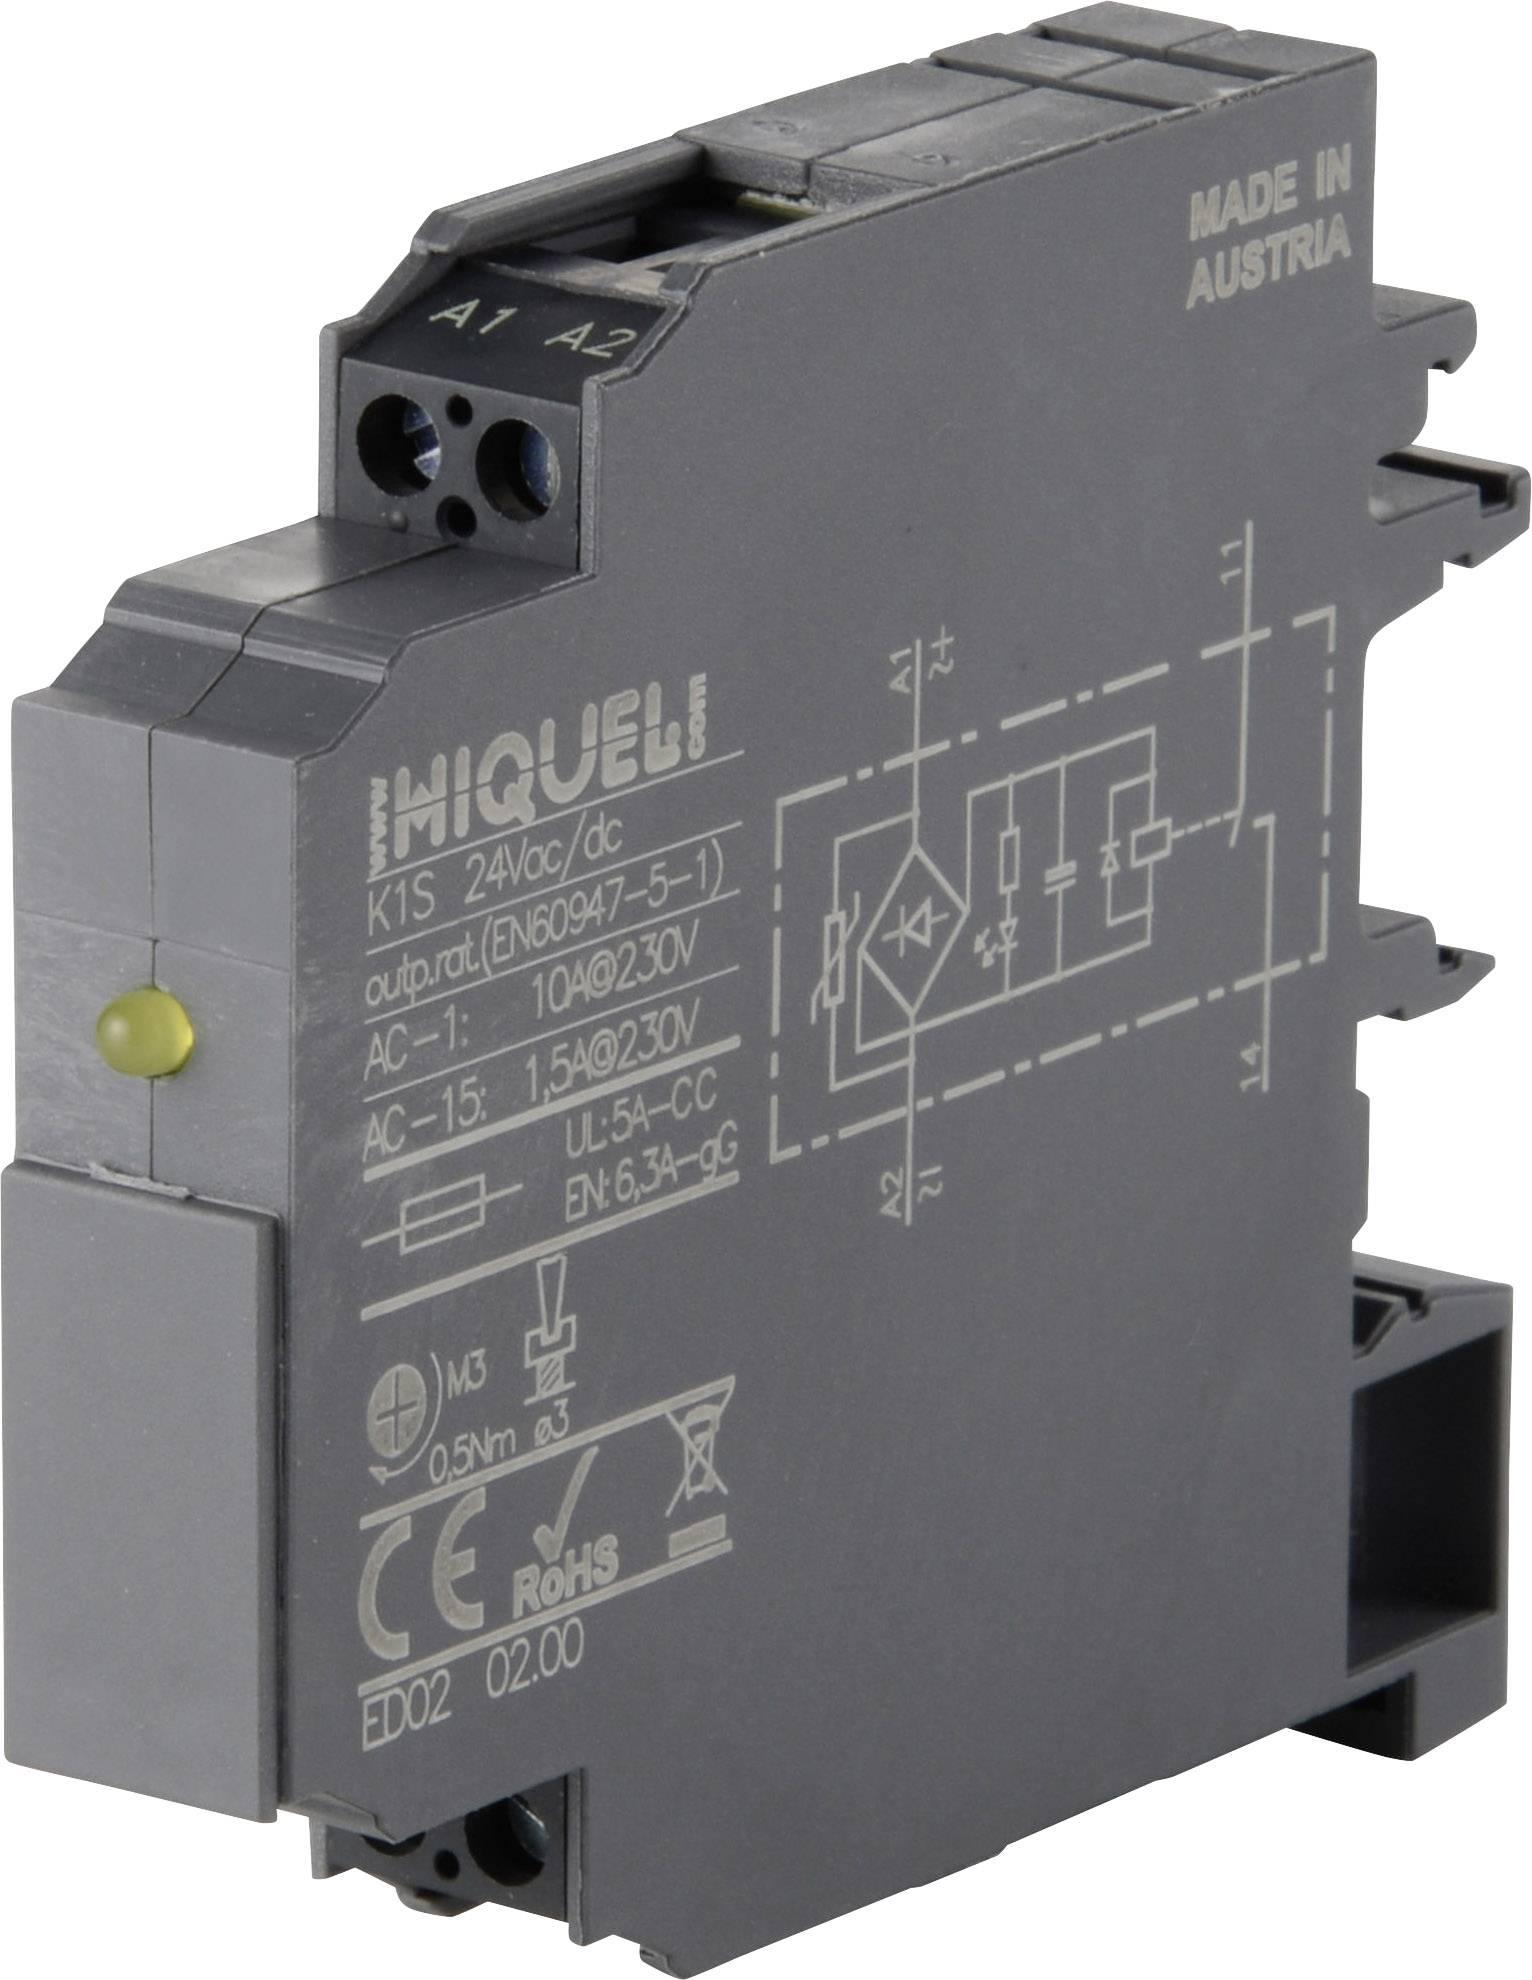 Vazební relé Hiquel, K1S 24 V/AC/DC, 10 A, 12 mm